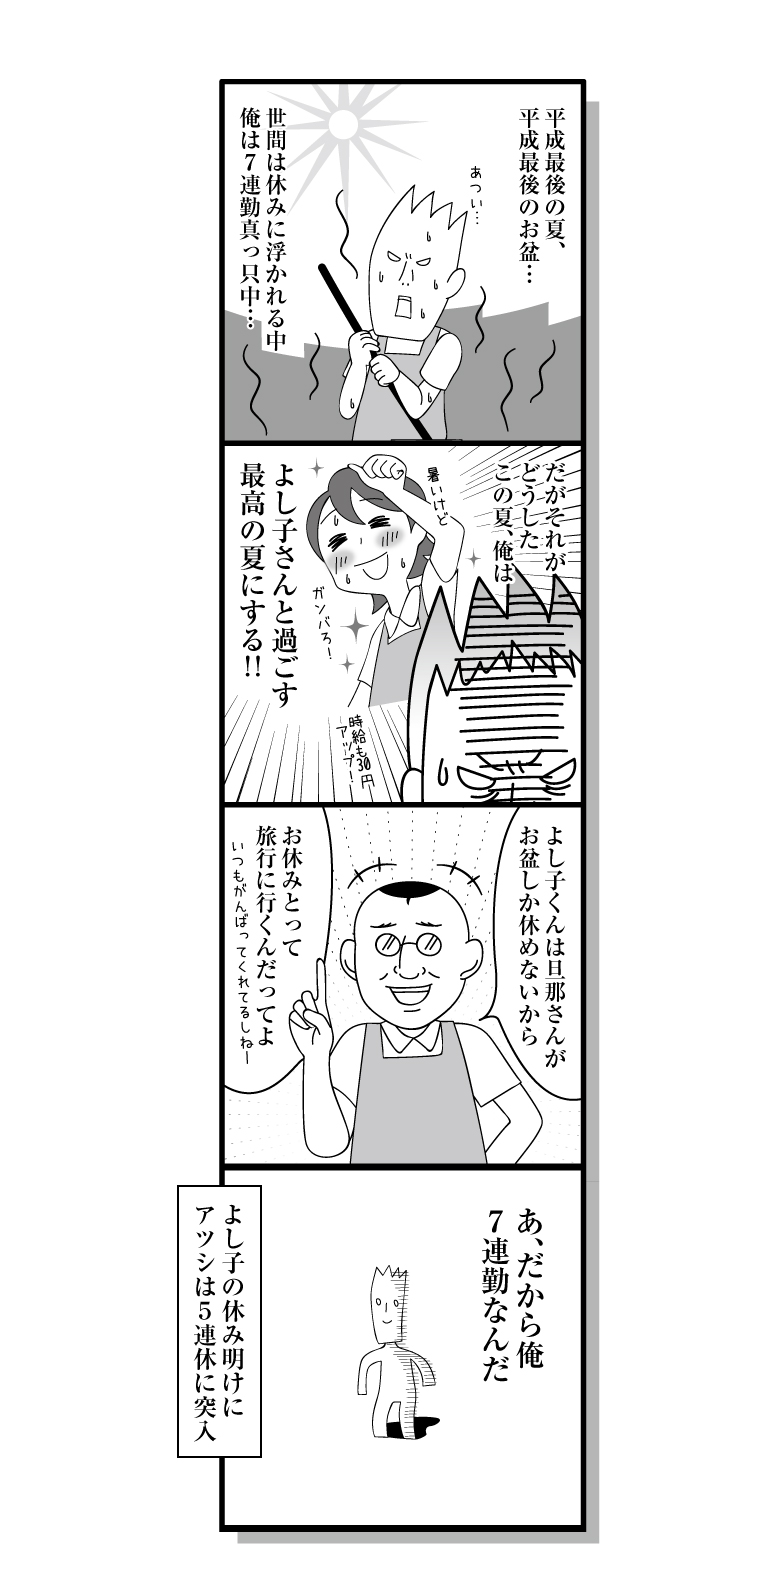 180811_manga